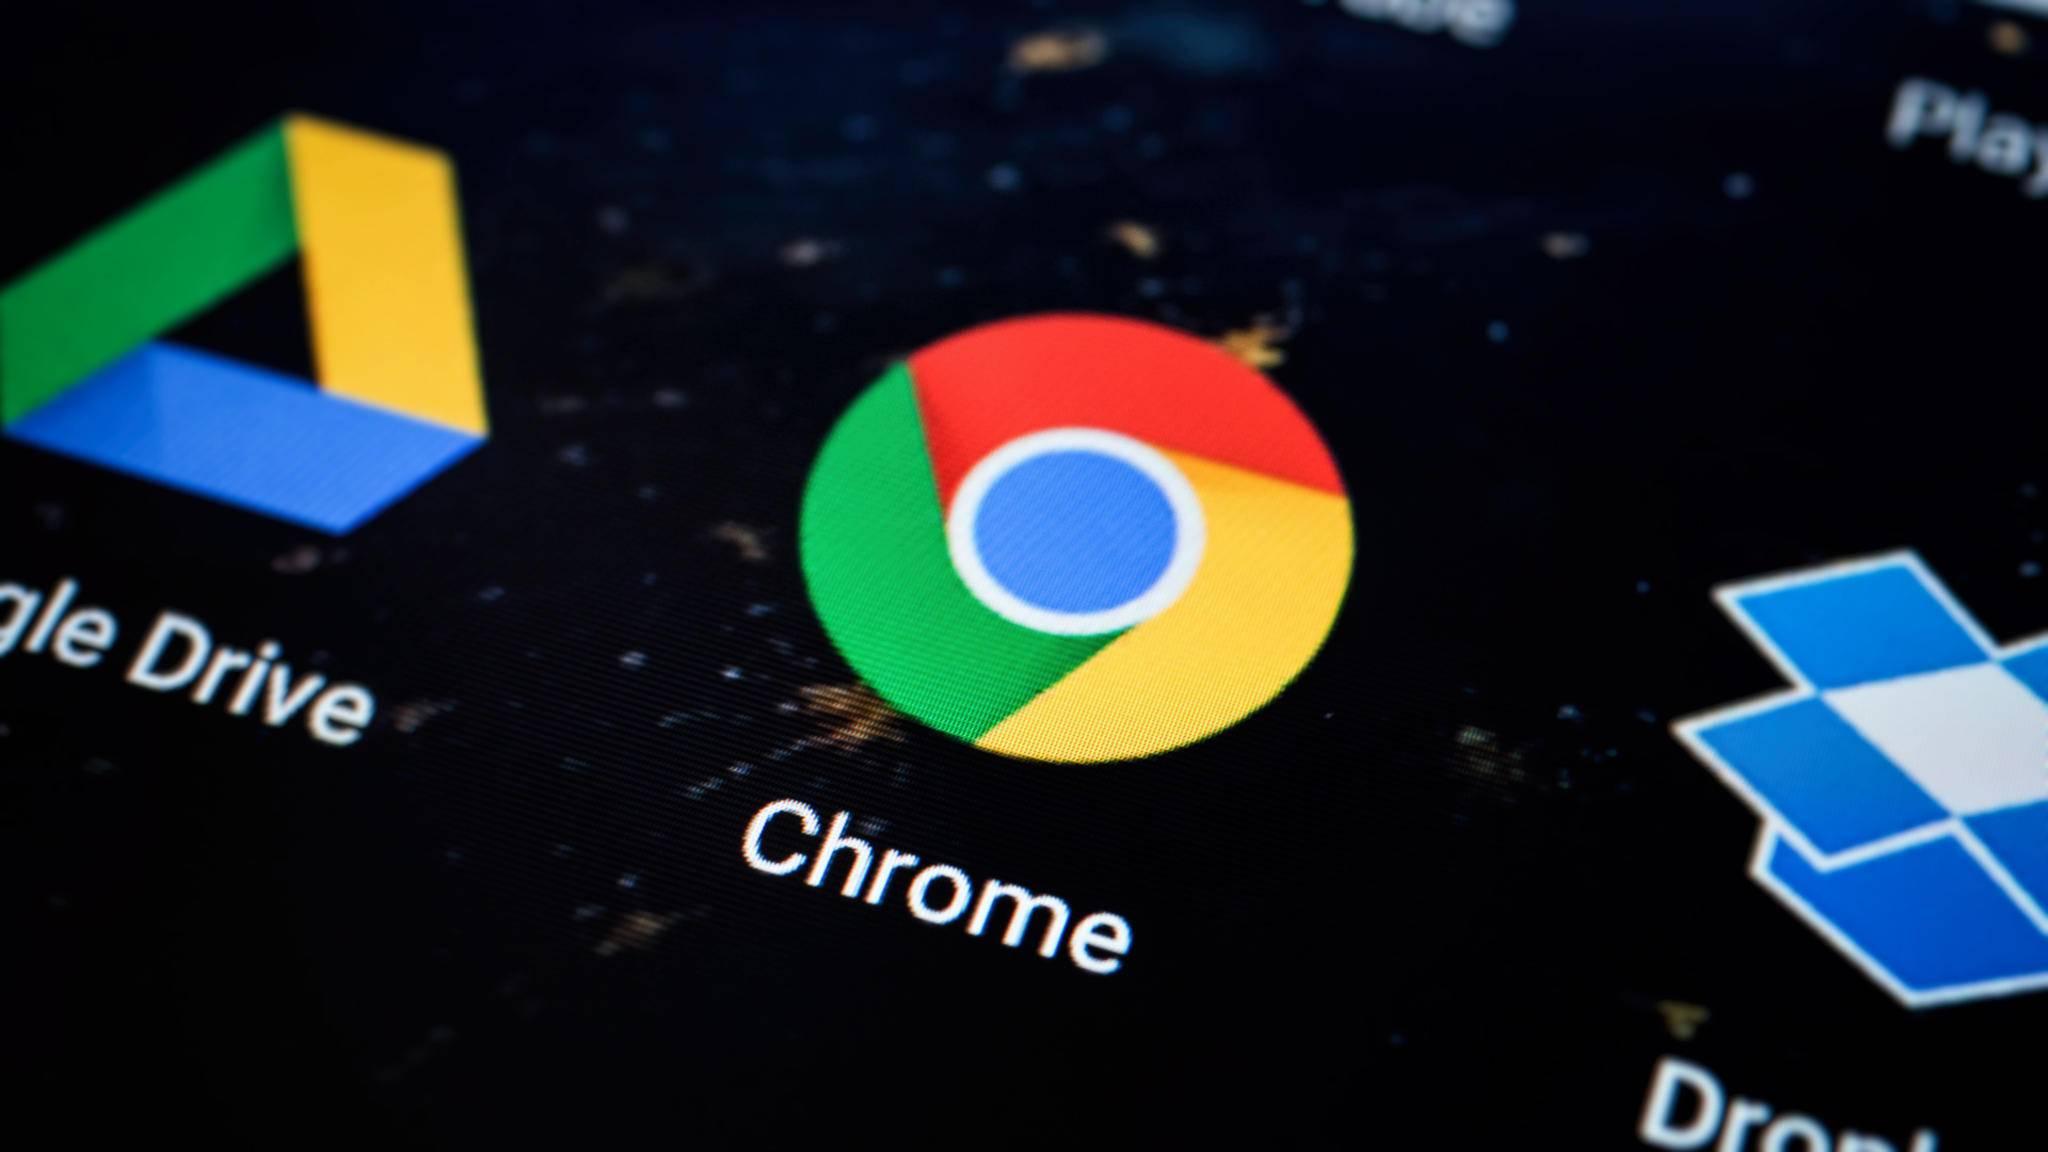 Die Lesezeichenverwaltung von Googles Chrome-Browser bietet Dir zahlreiche Optionen.